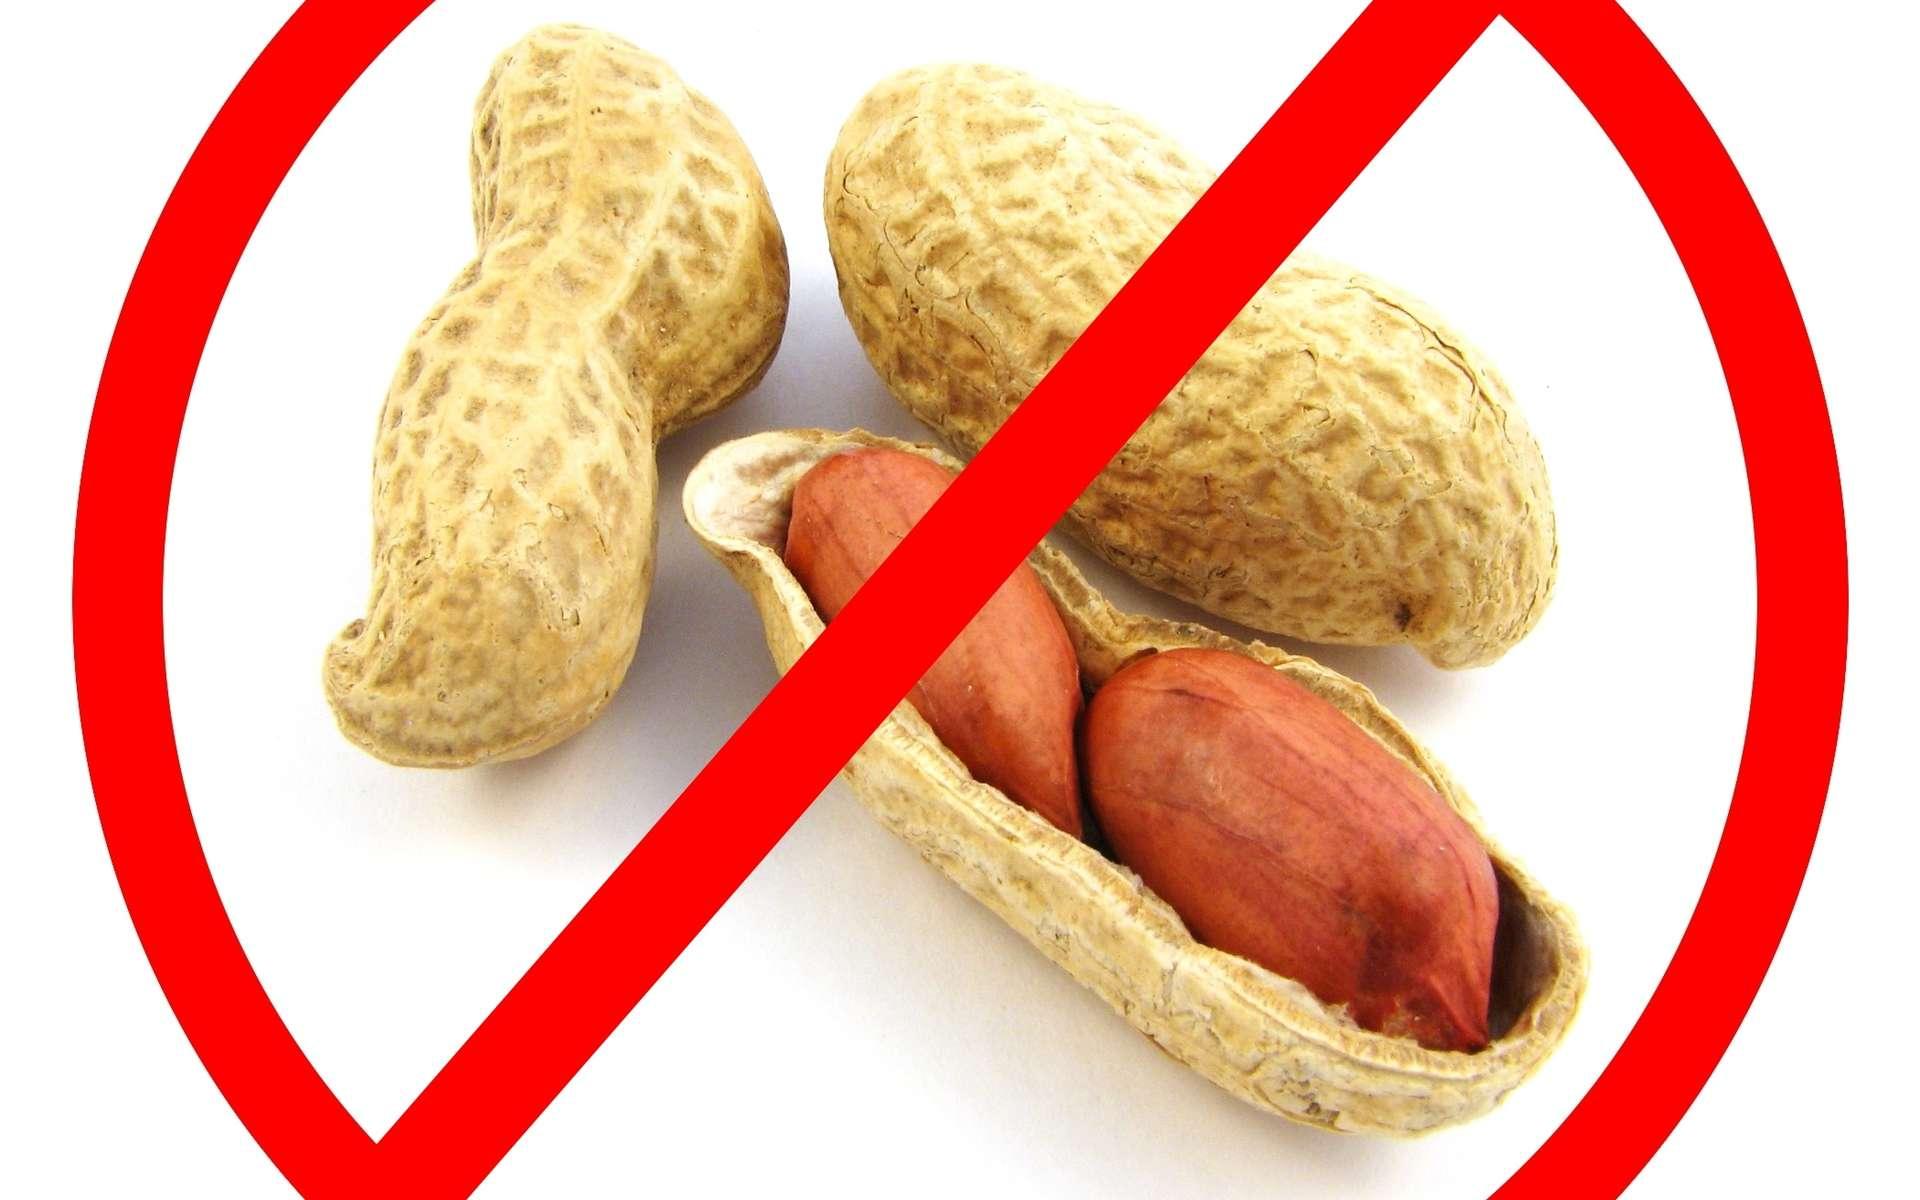 Intolérance alimentaire : ne pas confondre avec une allergie alimentaire.